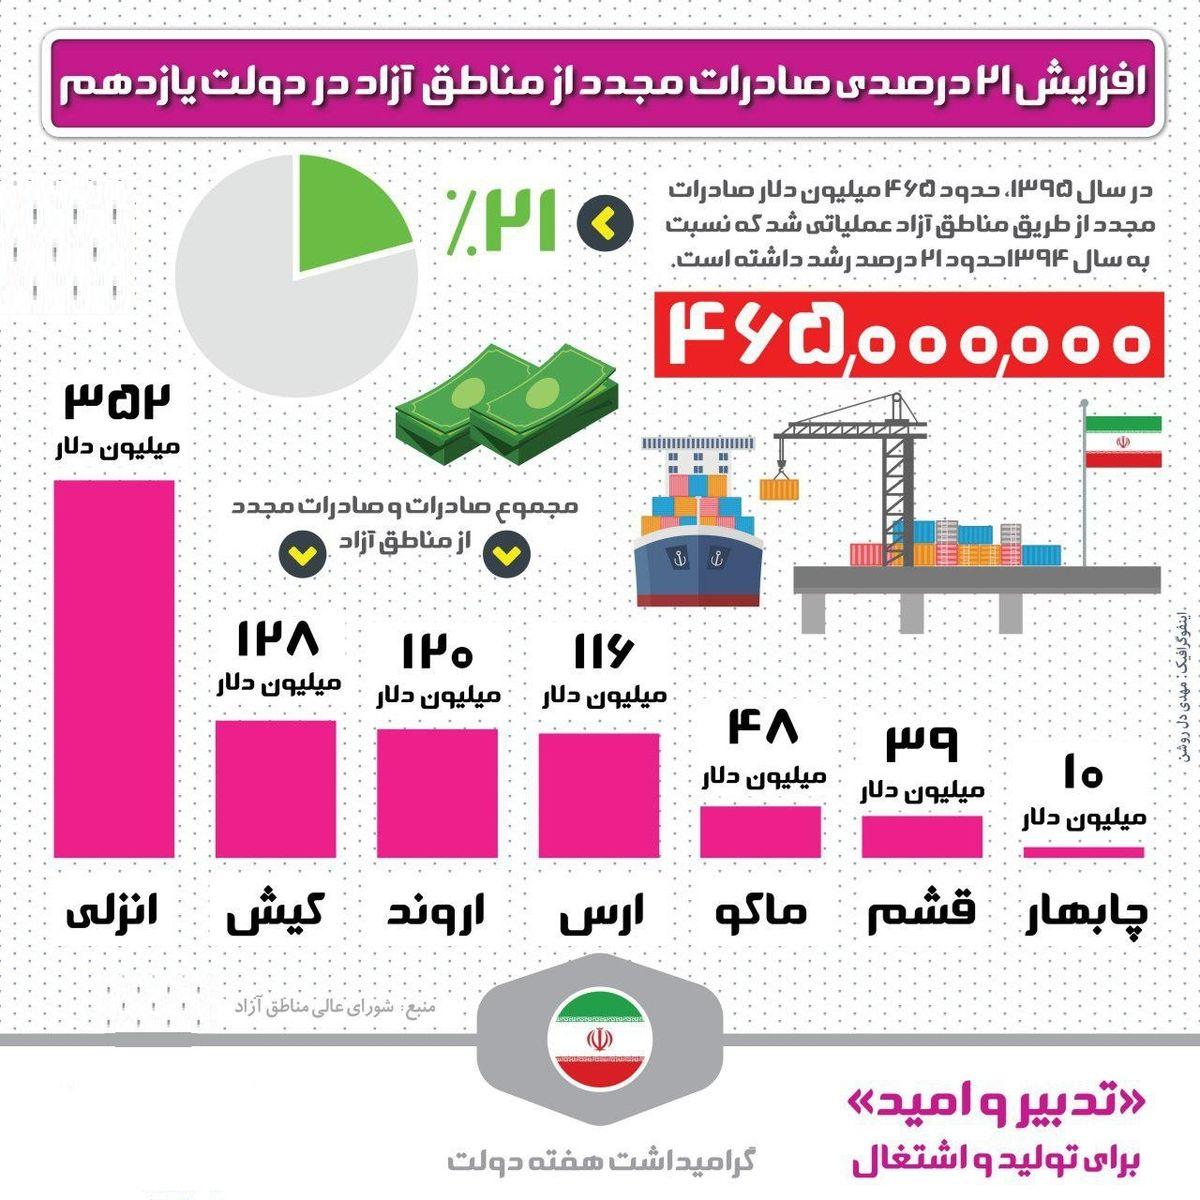 افزایش ۲۱درصدی صادرات از مناطق آزاد +اینفوگرافیک